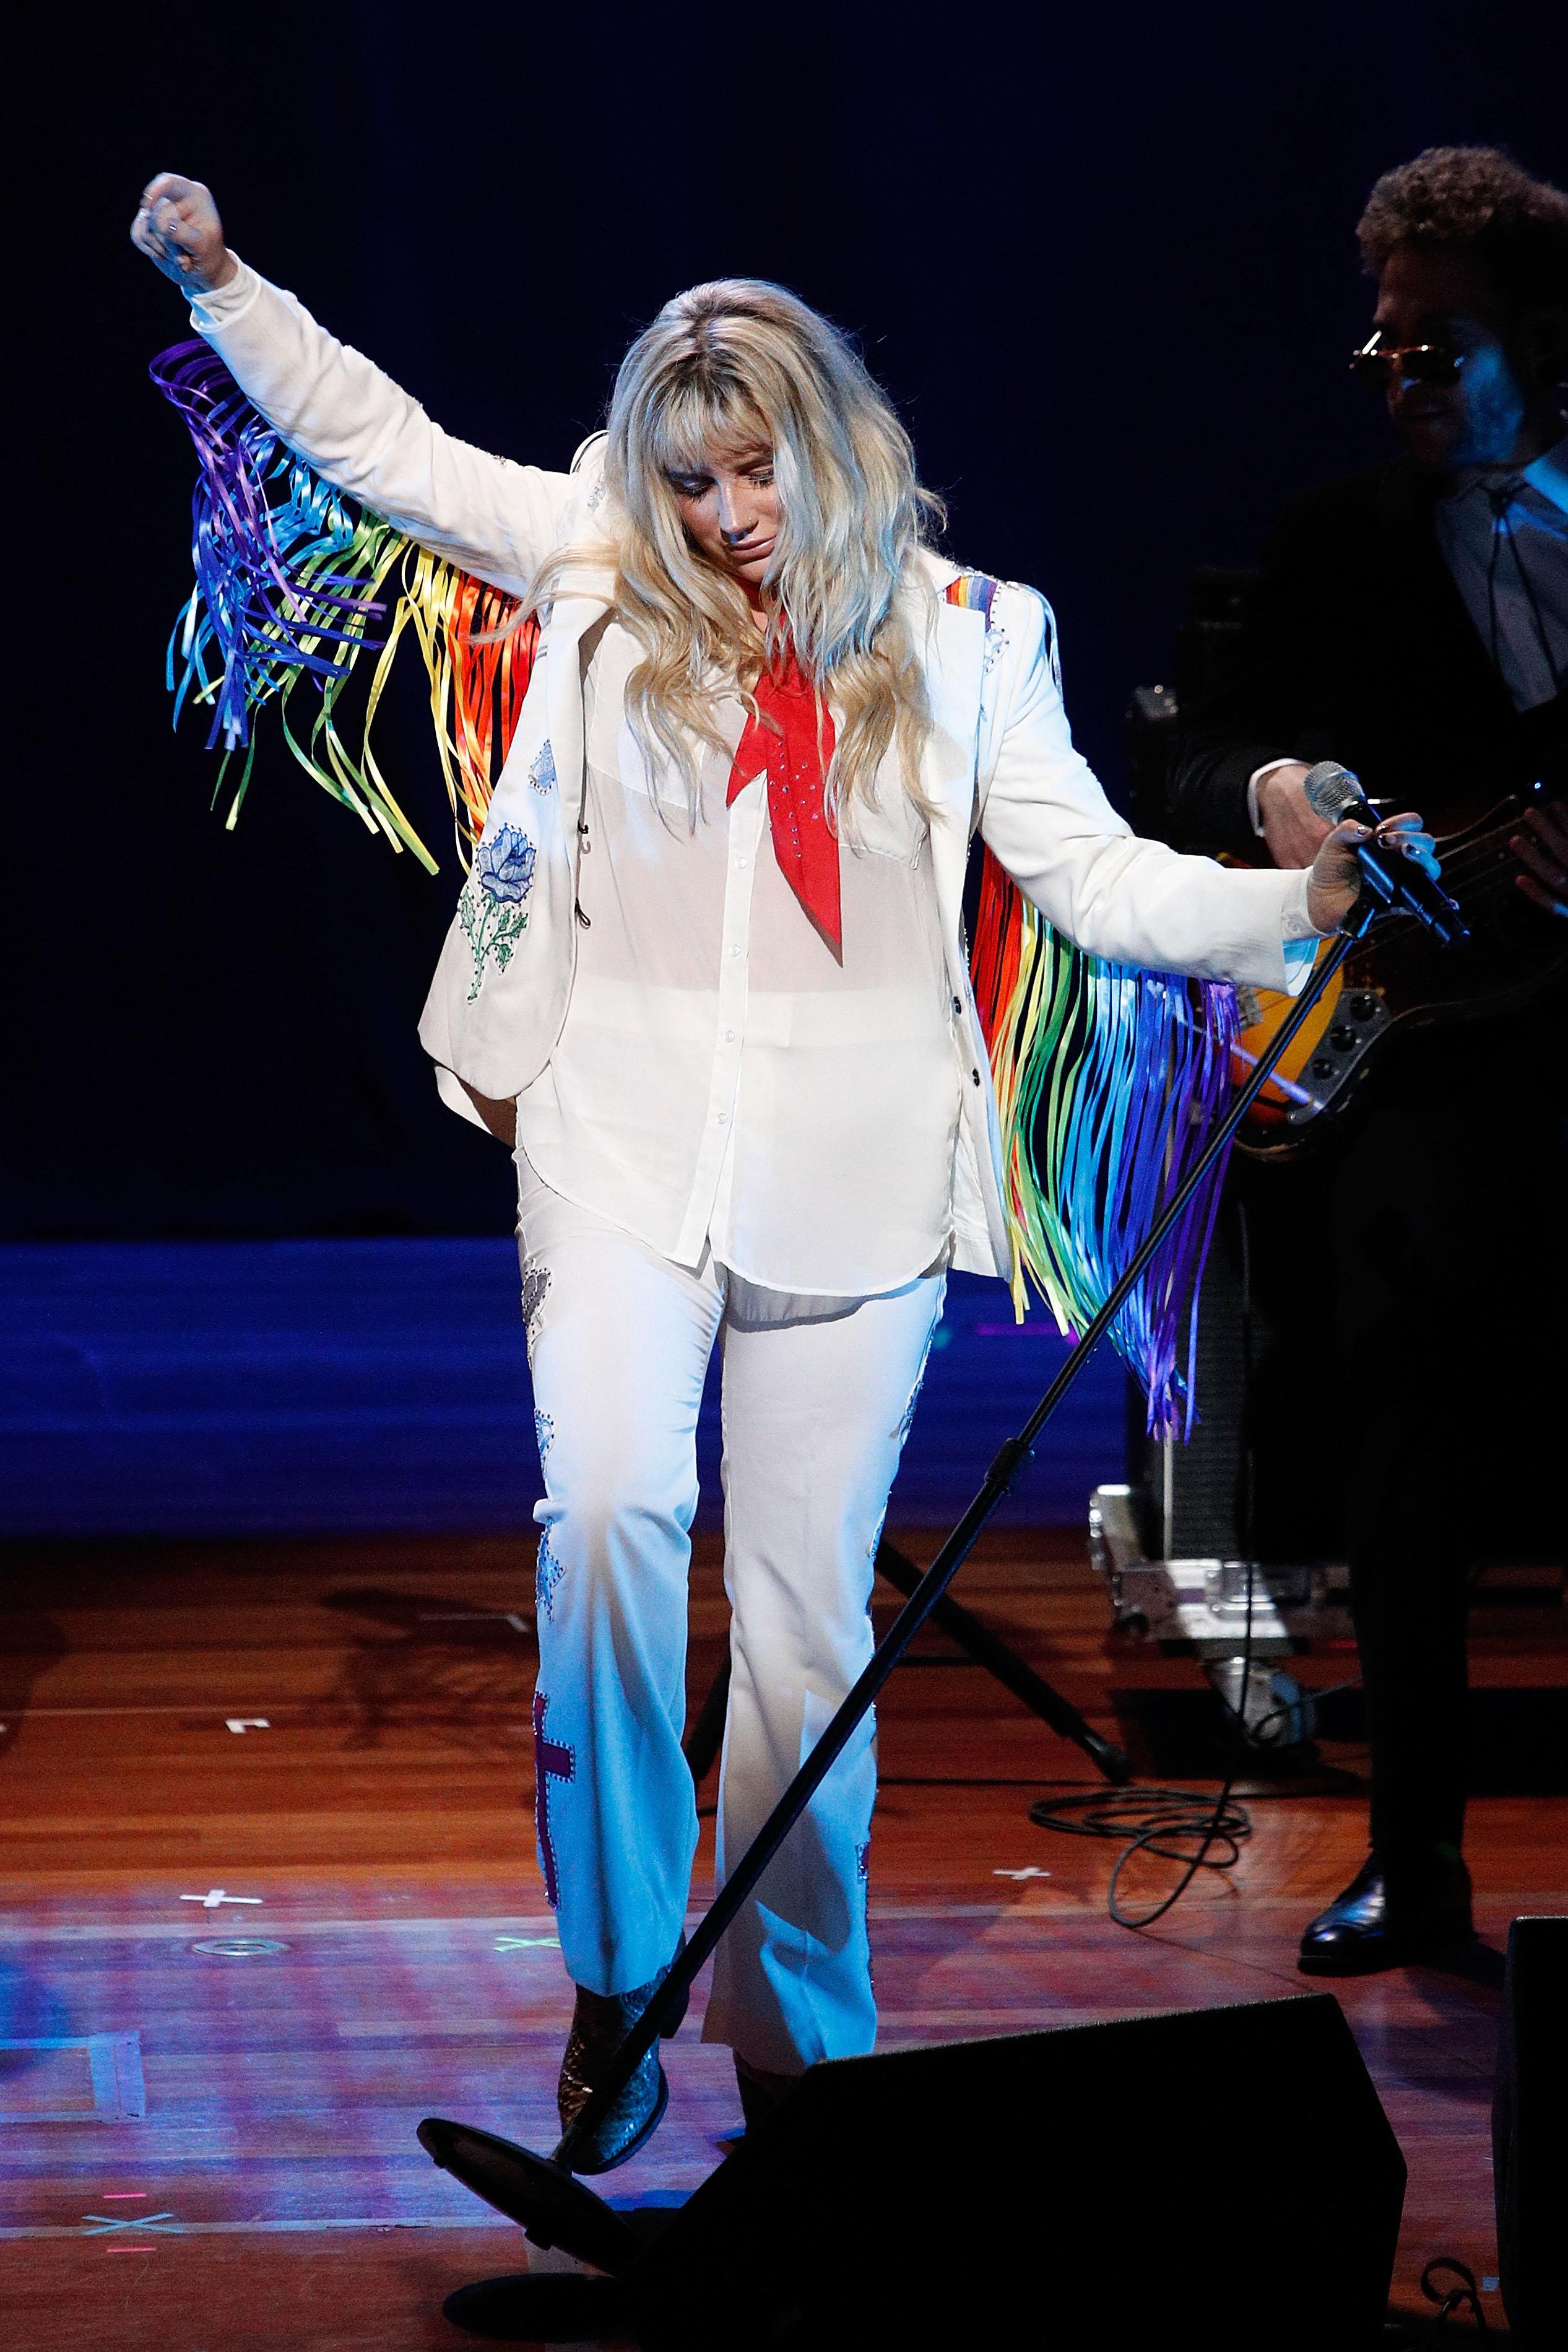 Kesha hasclaimedsexual assault allegations against the hitmaker Dr. Luke.